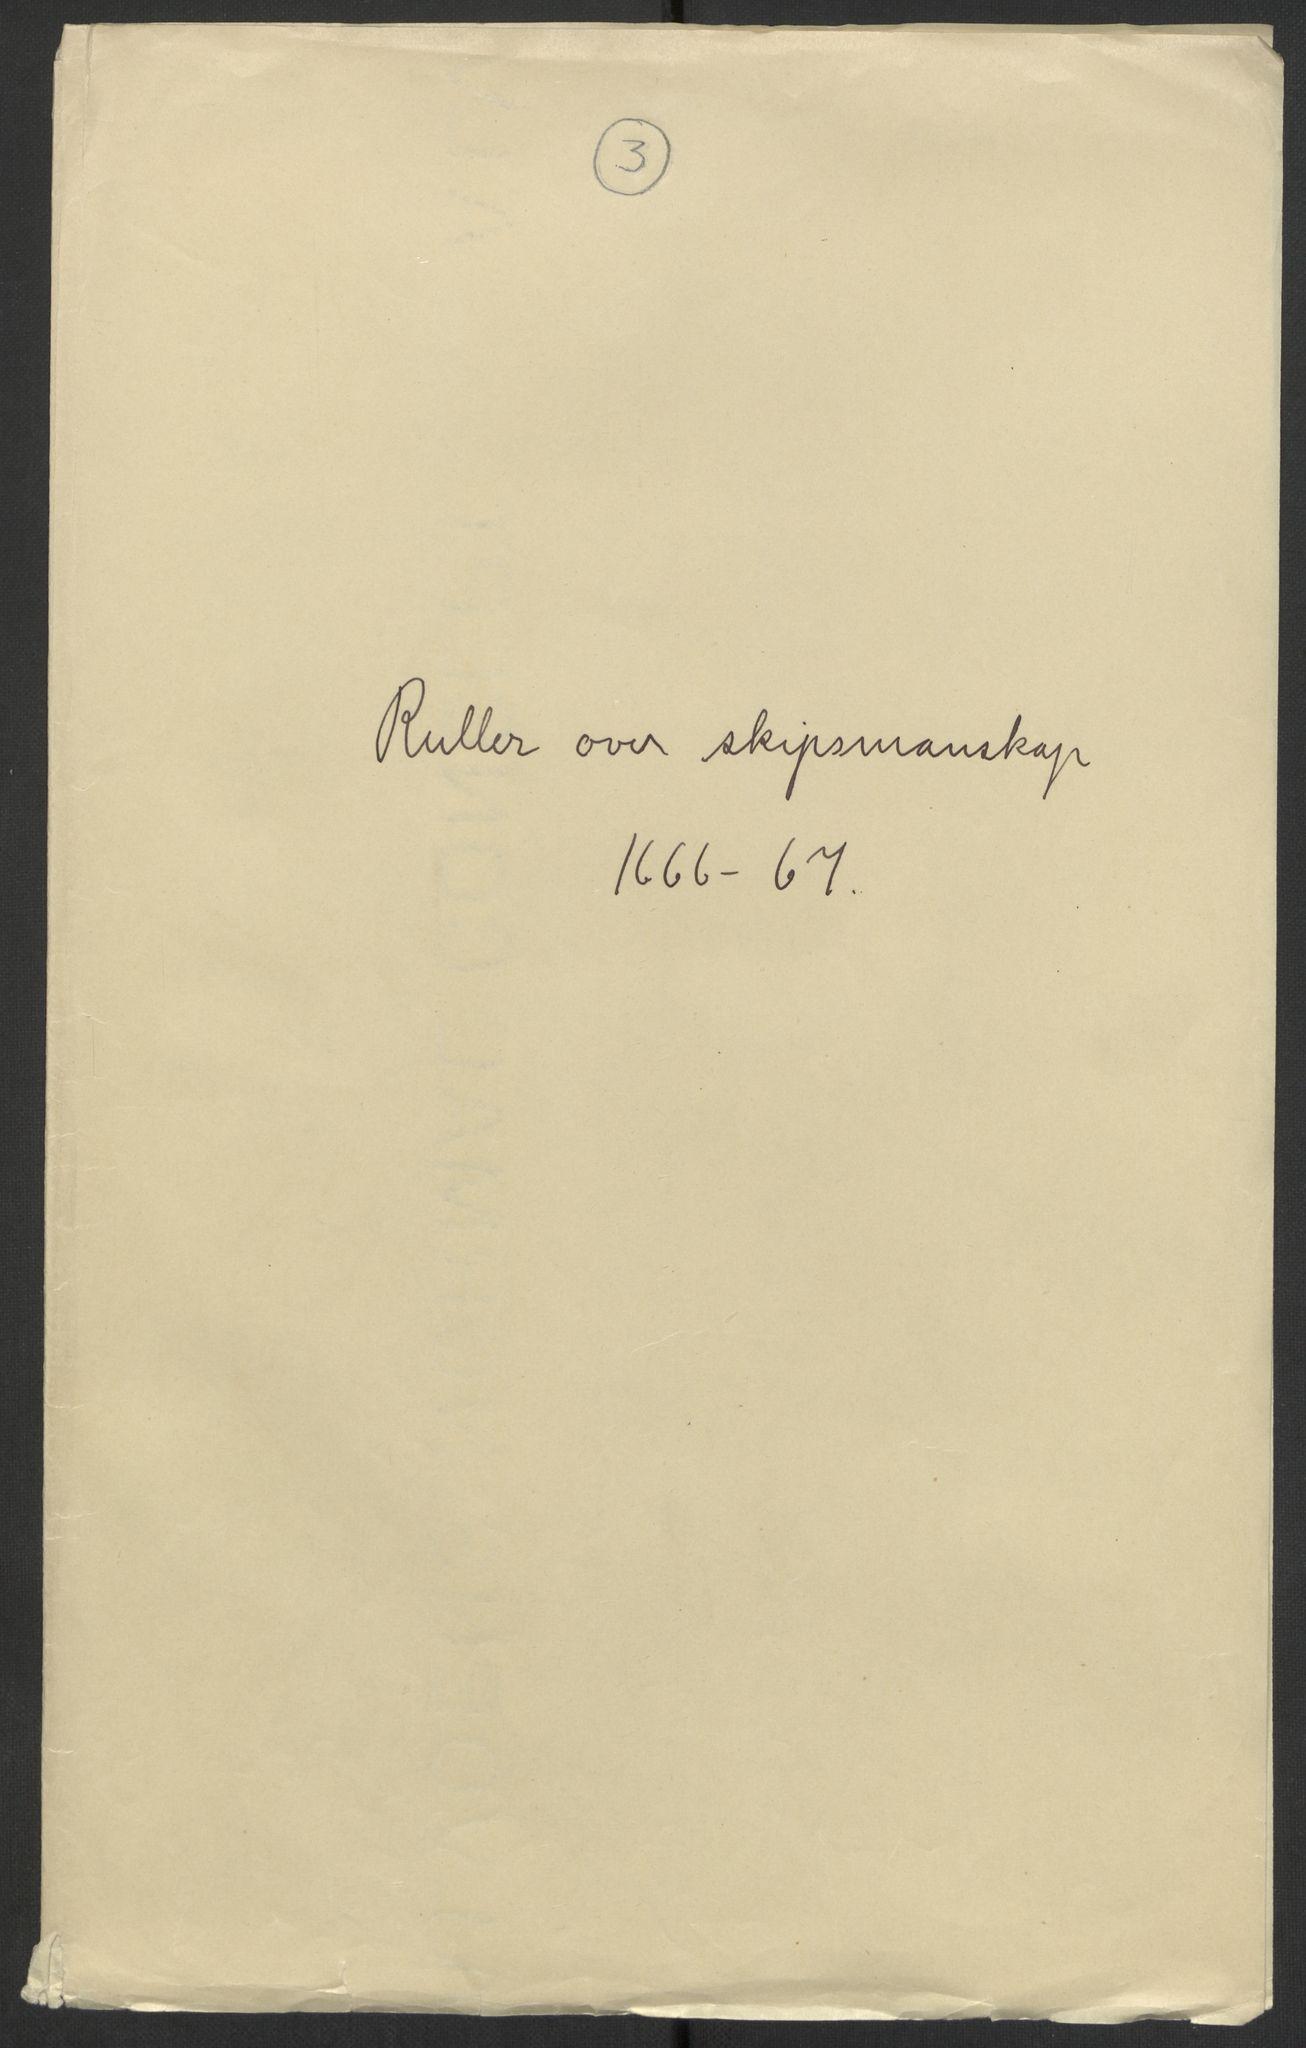 RA, Stattholderembetet 1572-1771, El/L0024: Forskjellige pakkesaker, 1666-1667, s. 1